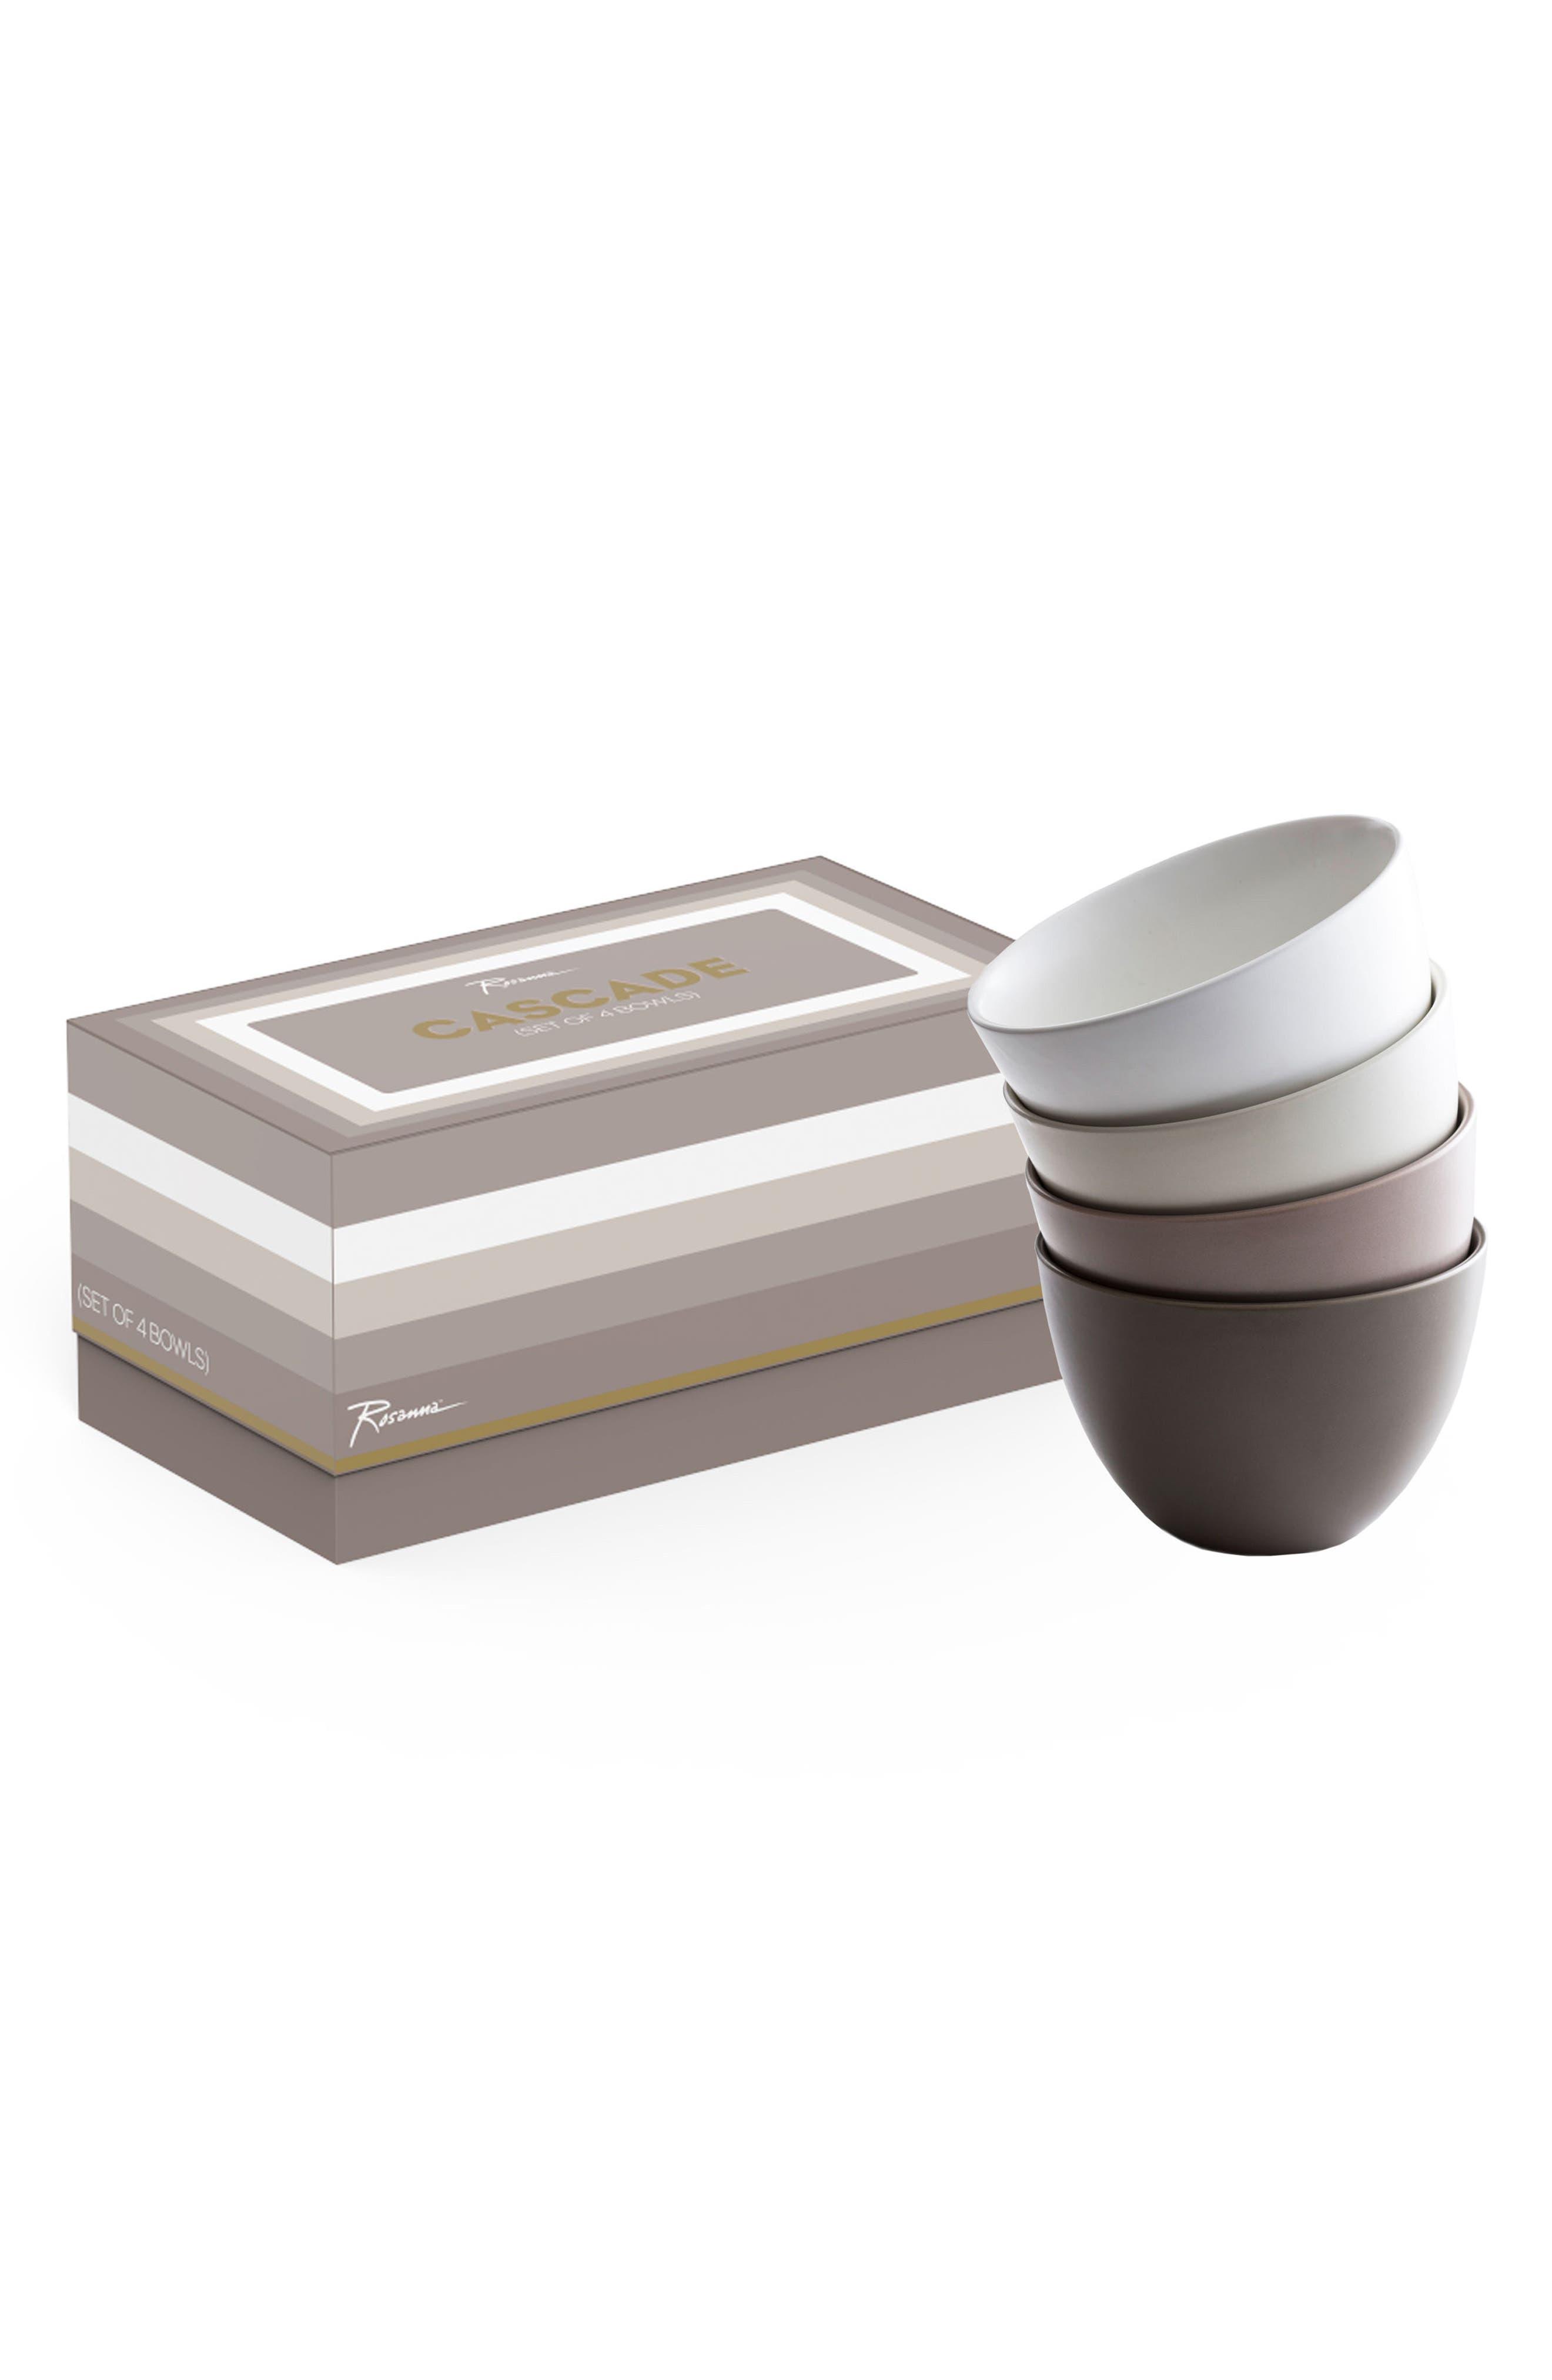 Cascade Set of 4 Porcelain Bowls,                             Main thumbnail 1, color,                             020